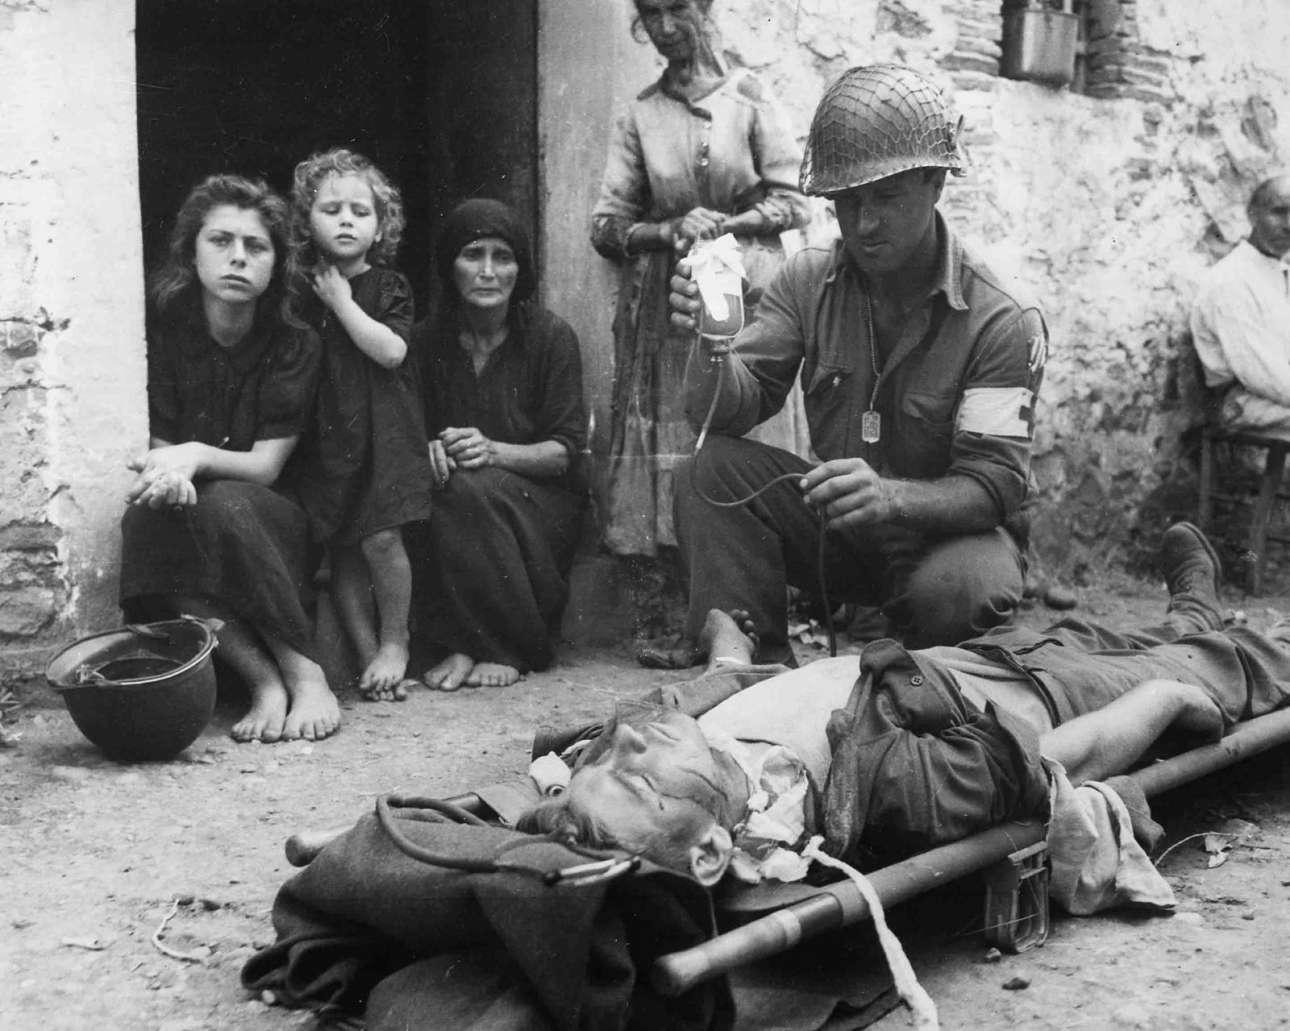 8 Αυγούστου 1943, Σικελία: αμερικανός στρατιώτης του Υγειονομικού μεταφέρει συνάδελφό του που τραυματίστηκε από θραύσματα βόμβας και του μεταγγίζεται αίμα